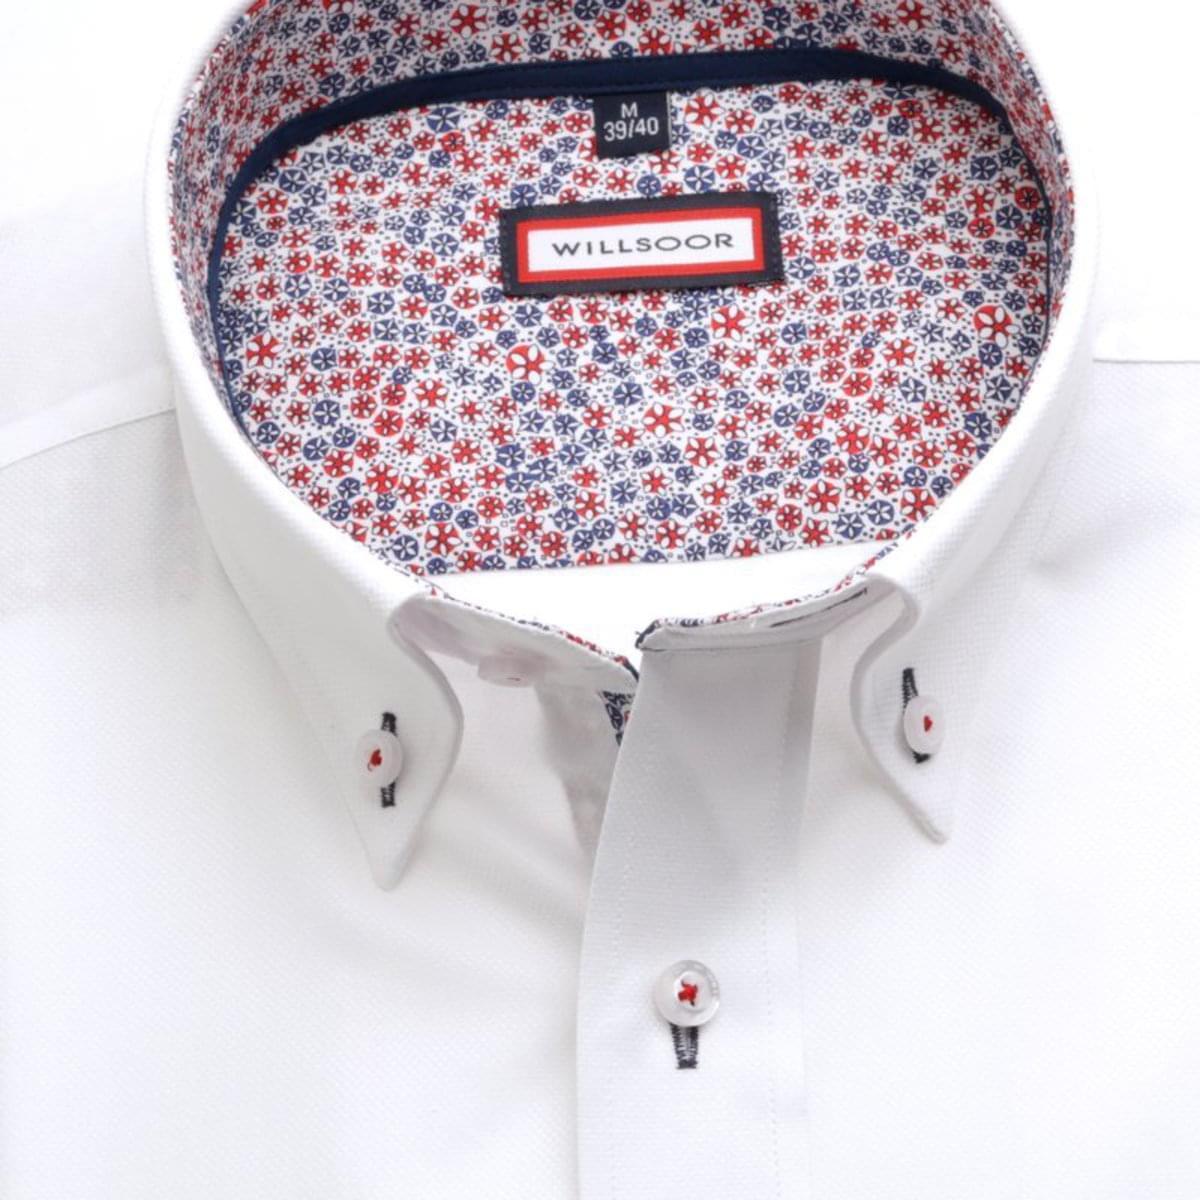 Pánská slim fit košile (výška 176-182) 7453 v bílé barvě 176-182 / XL (43/44)